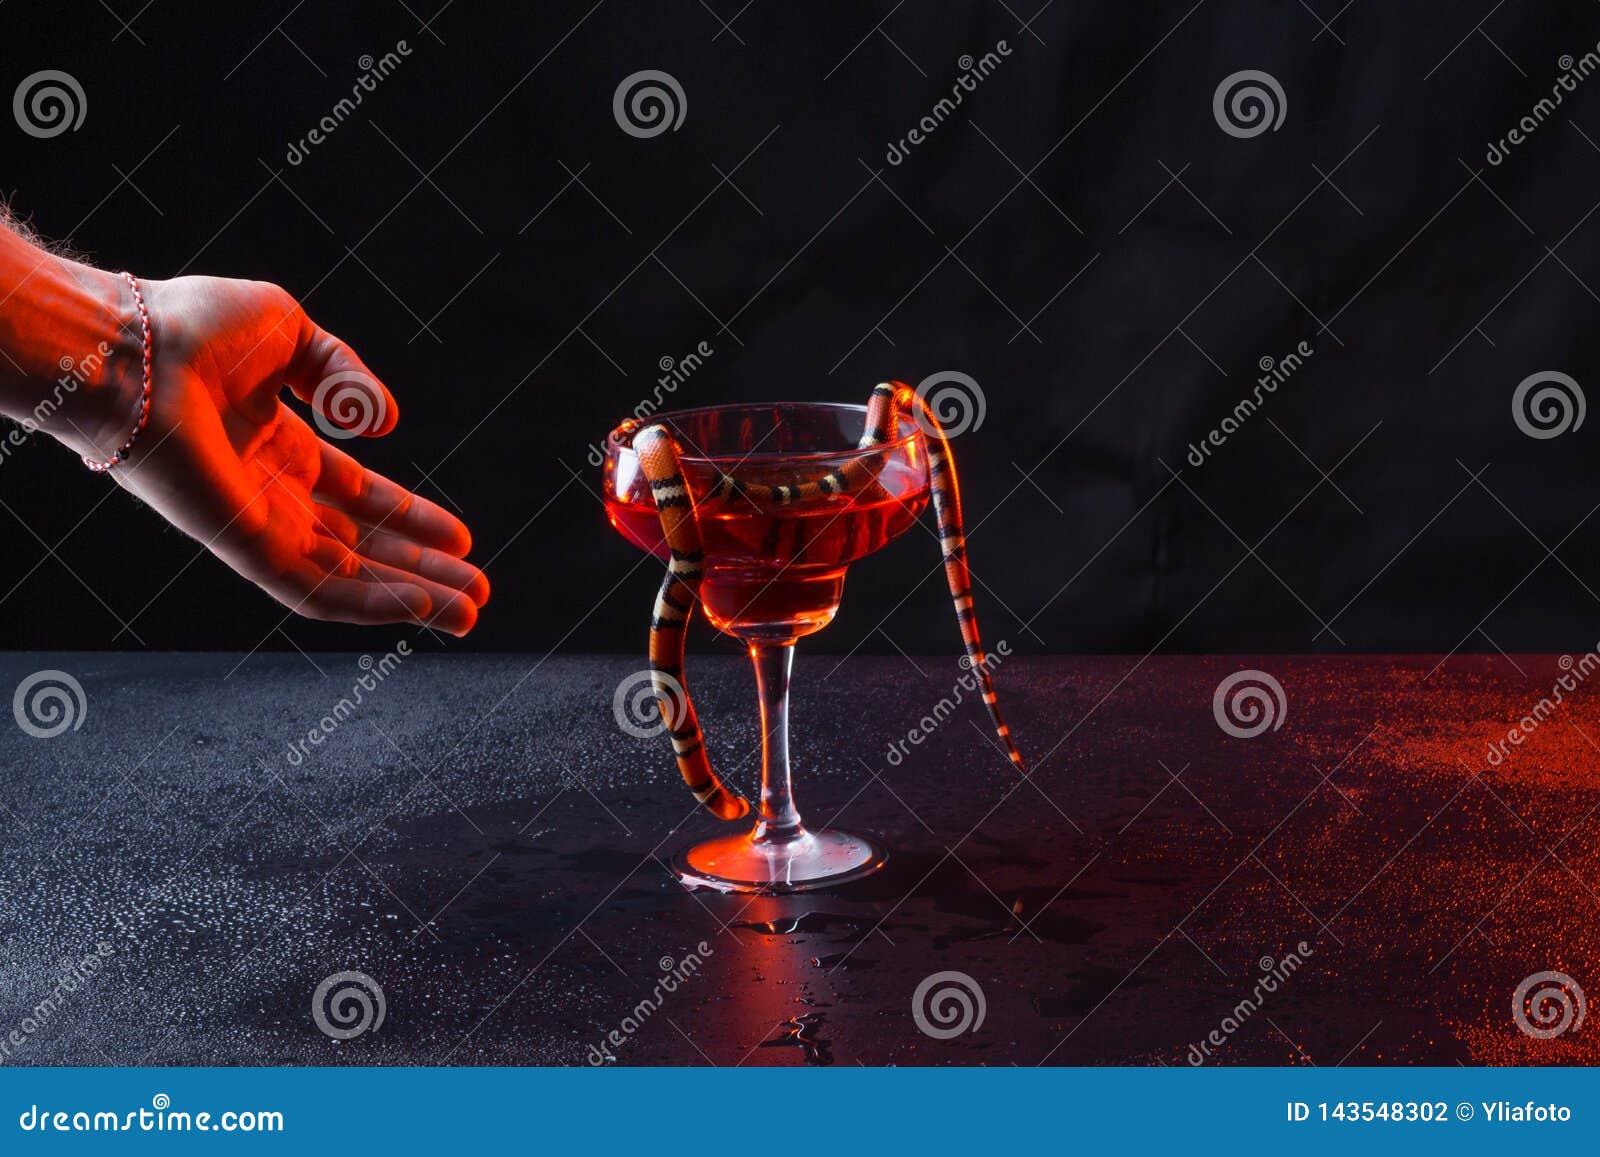 Serpente in un vetro con liquido rosso ed in una mano brutale maschio contro un fondo scuro